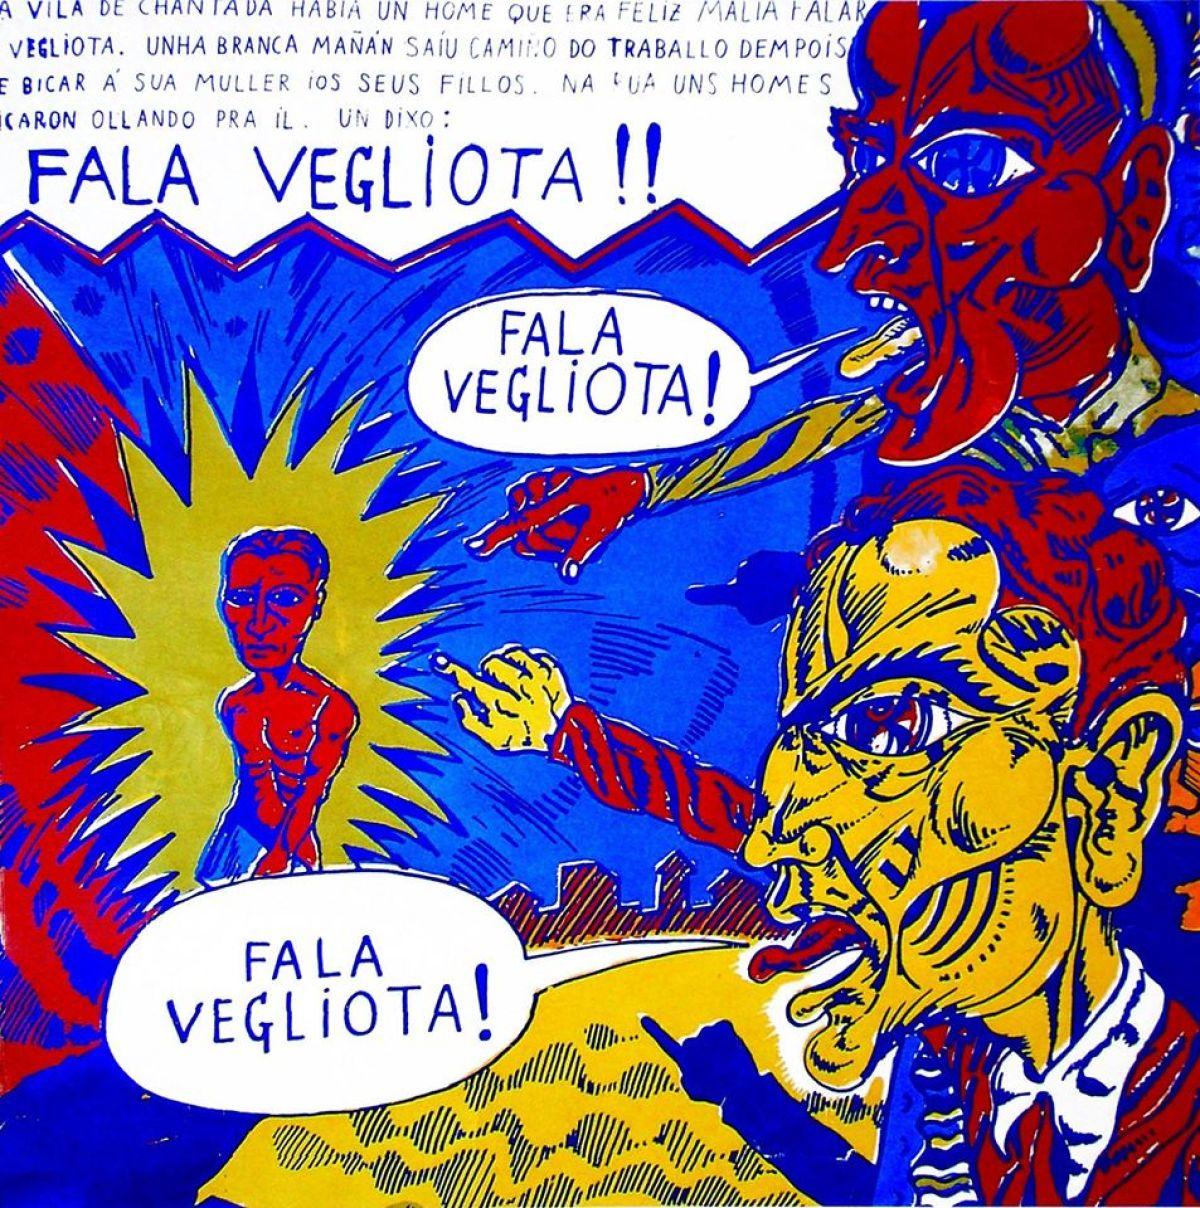 homequefalavavegliota_patinho